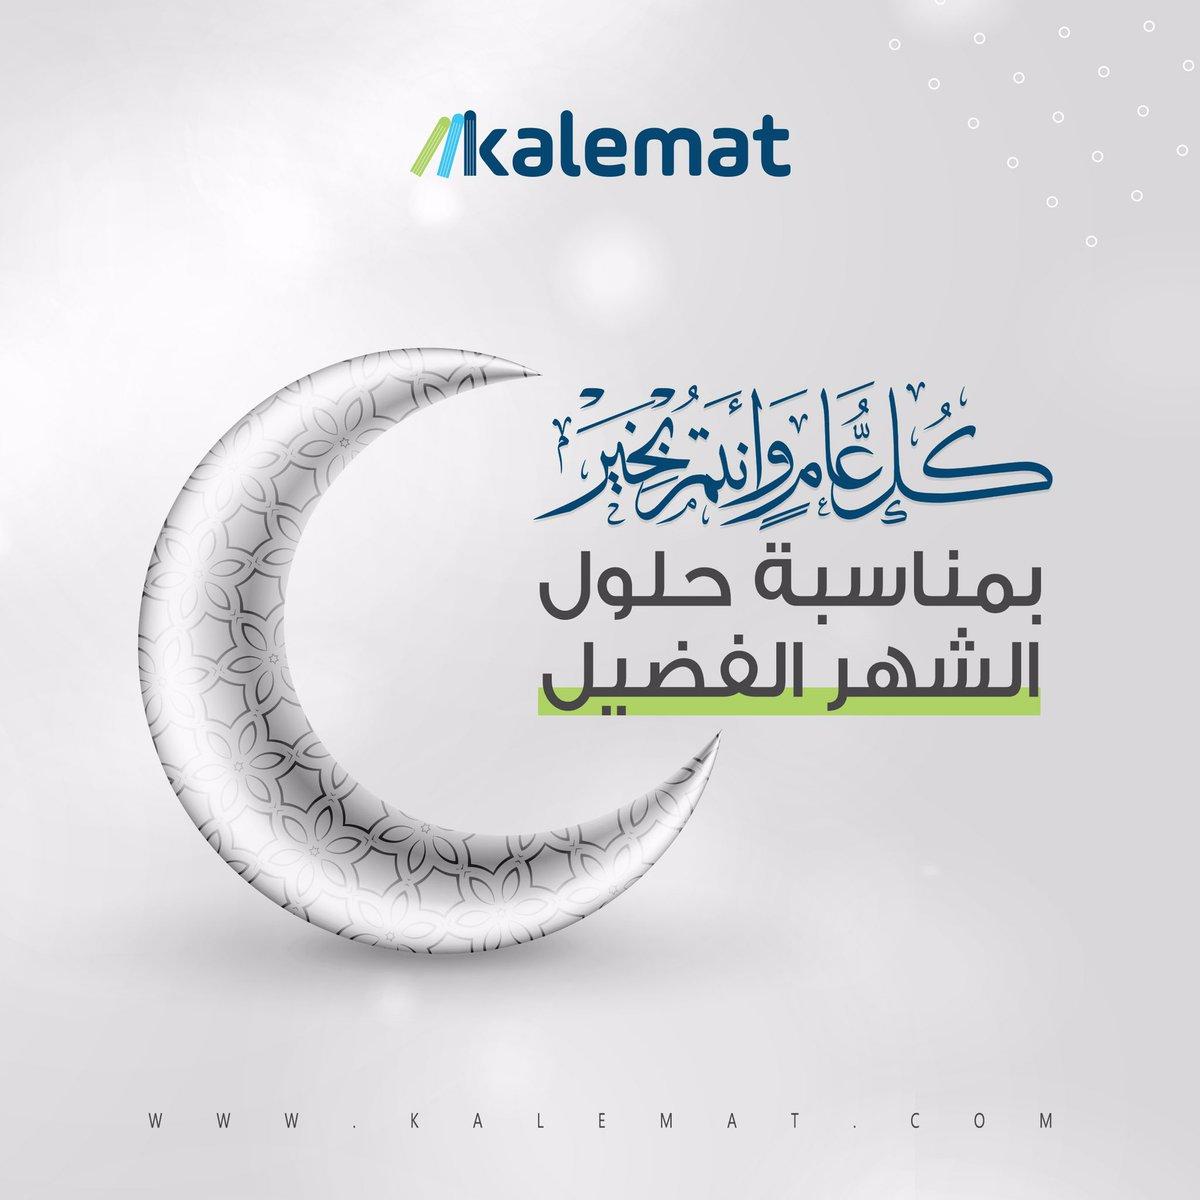 أسرة كلمات تهنئكم بحلول شهر رمضان المبارك.  تقبل الله منّا ومنكم صالح الأعمال وكل عام وأنتم بخير https://t.co/pmlE8cH86m